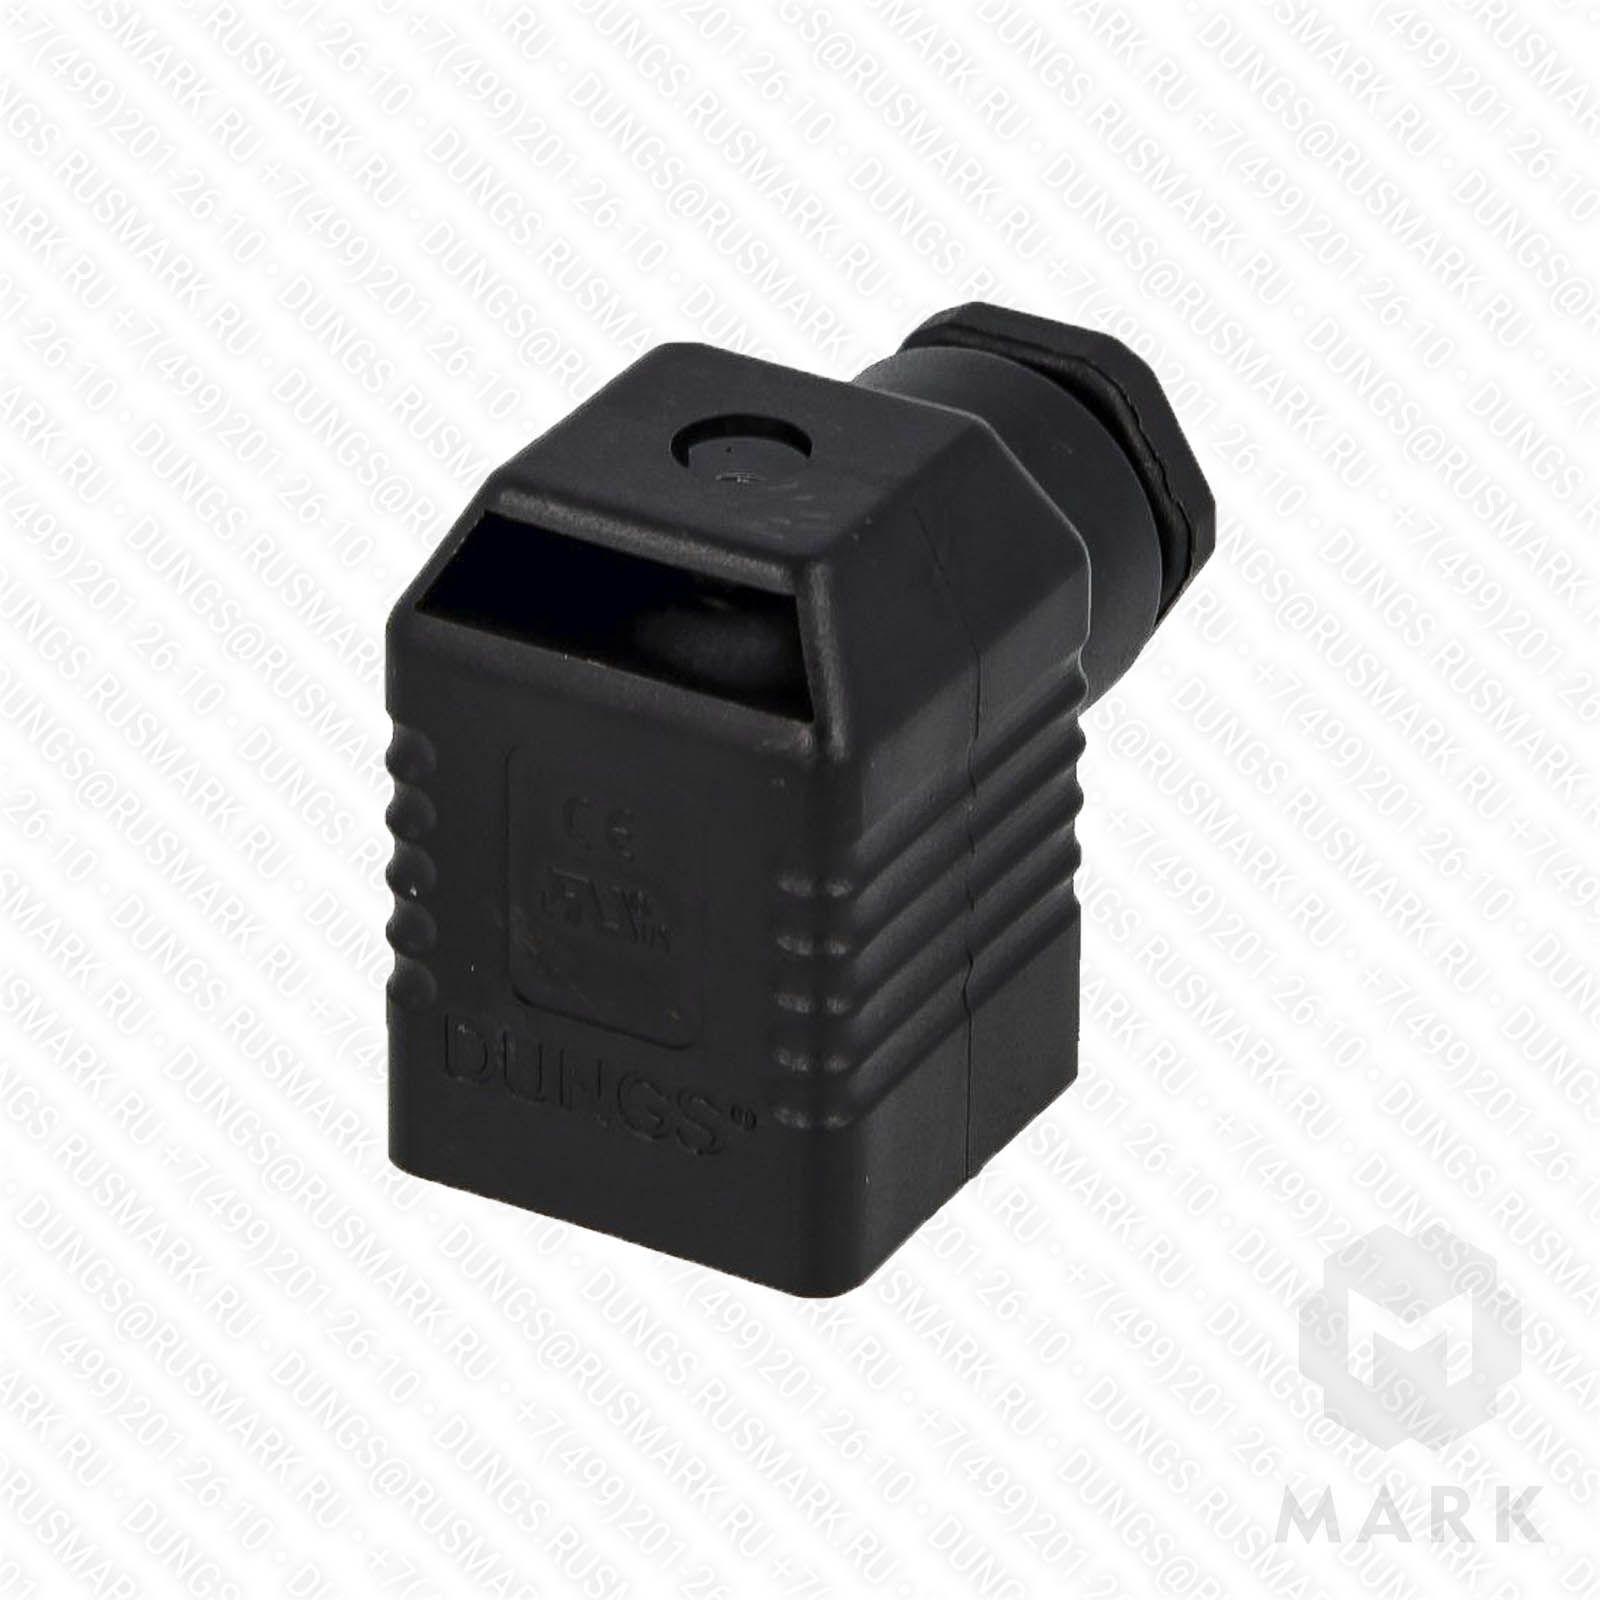 """full_148086_product арт.210319 Штекер для клапана 4-х контактный """"черный"""" фирмы DUNGS цена, купить"""